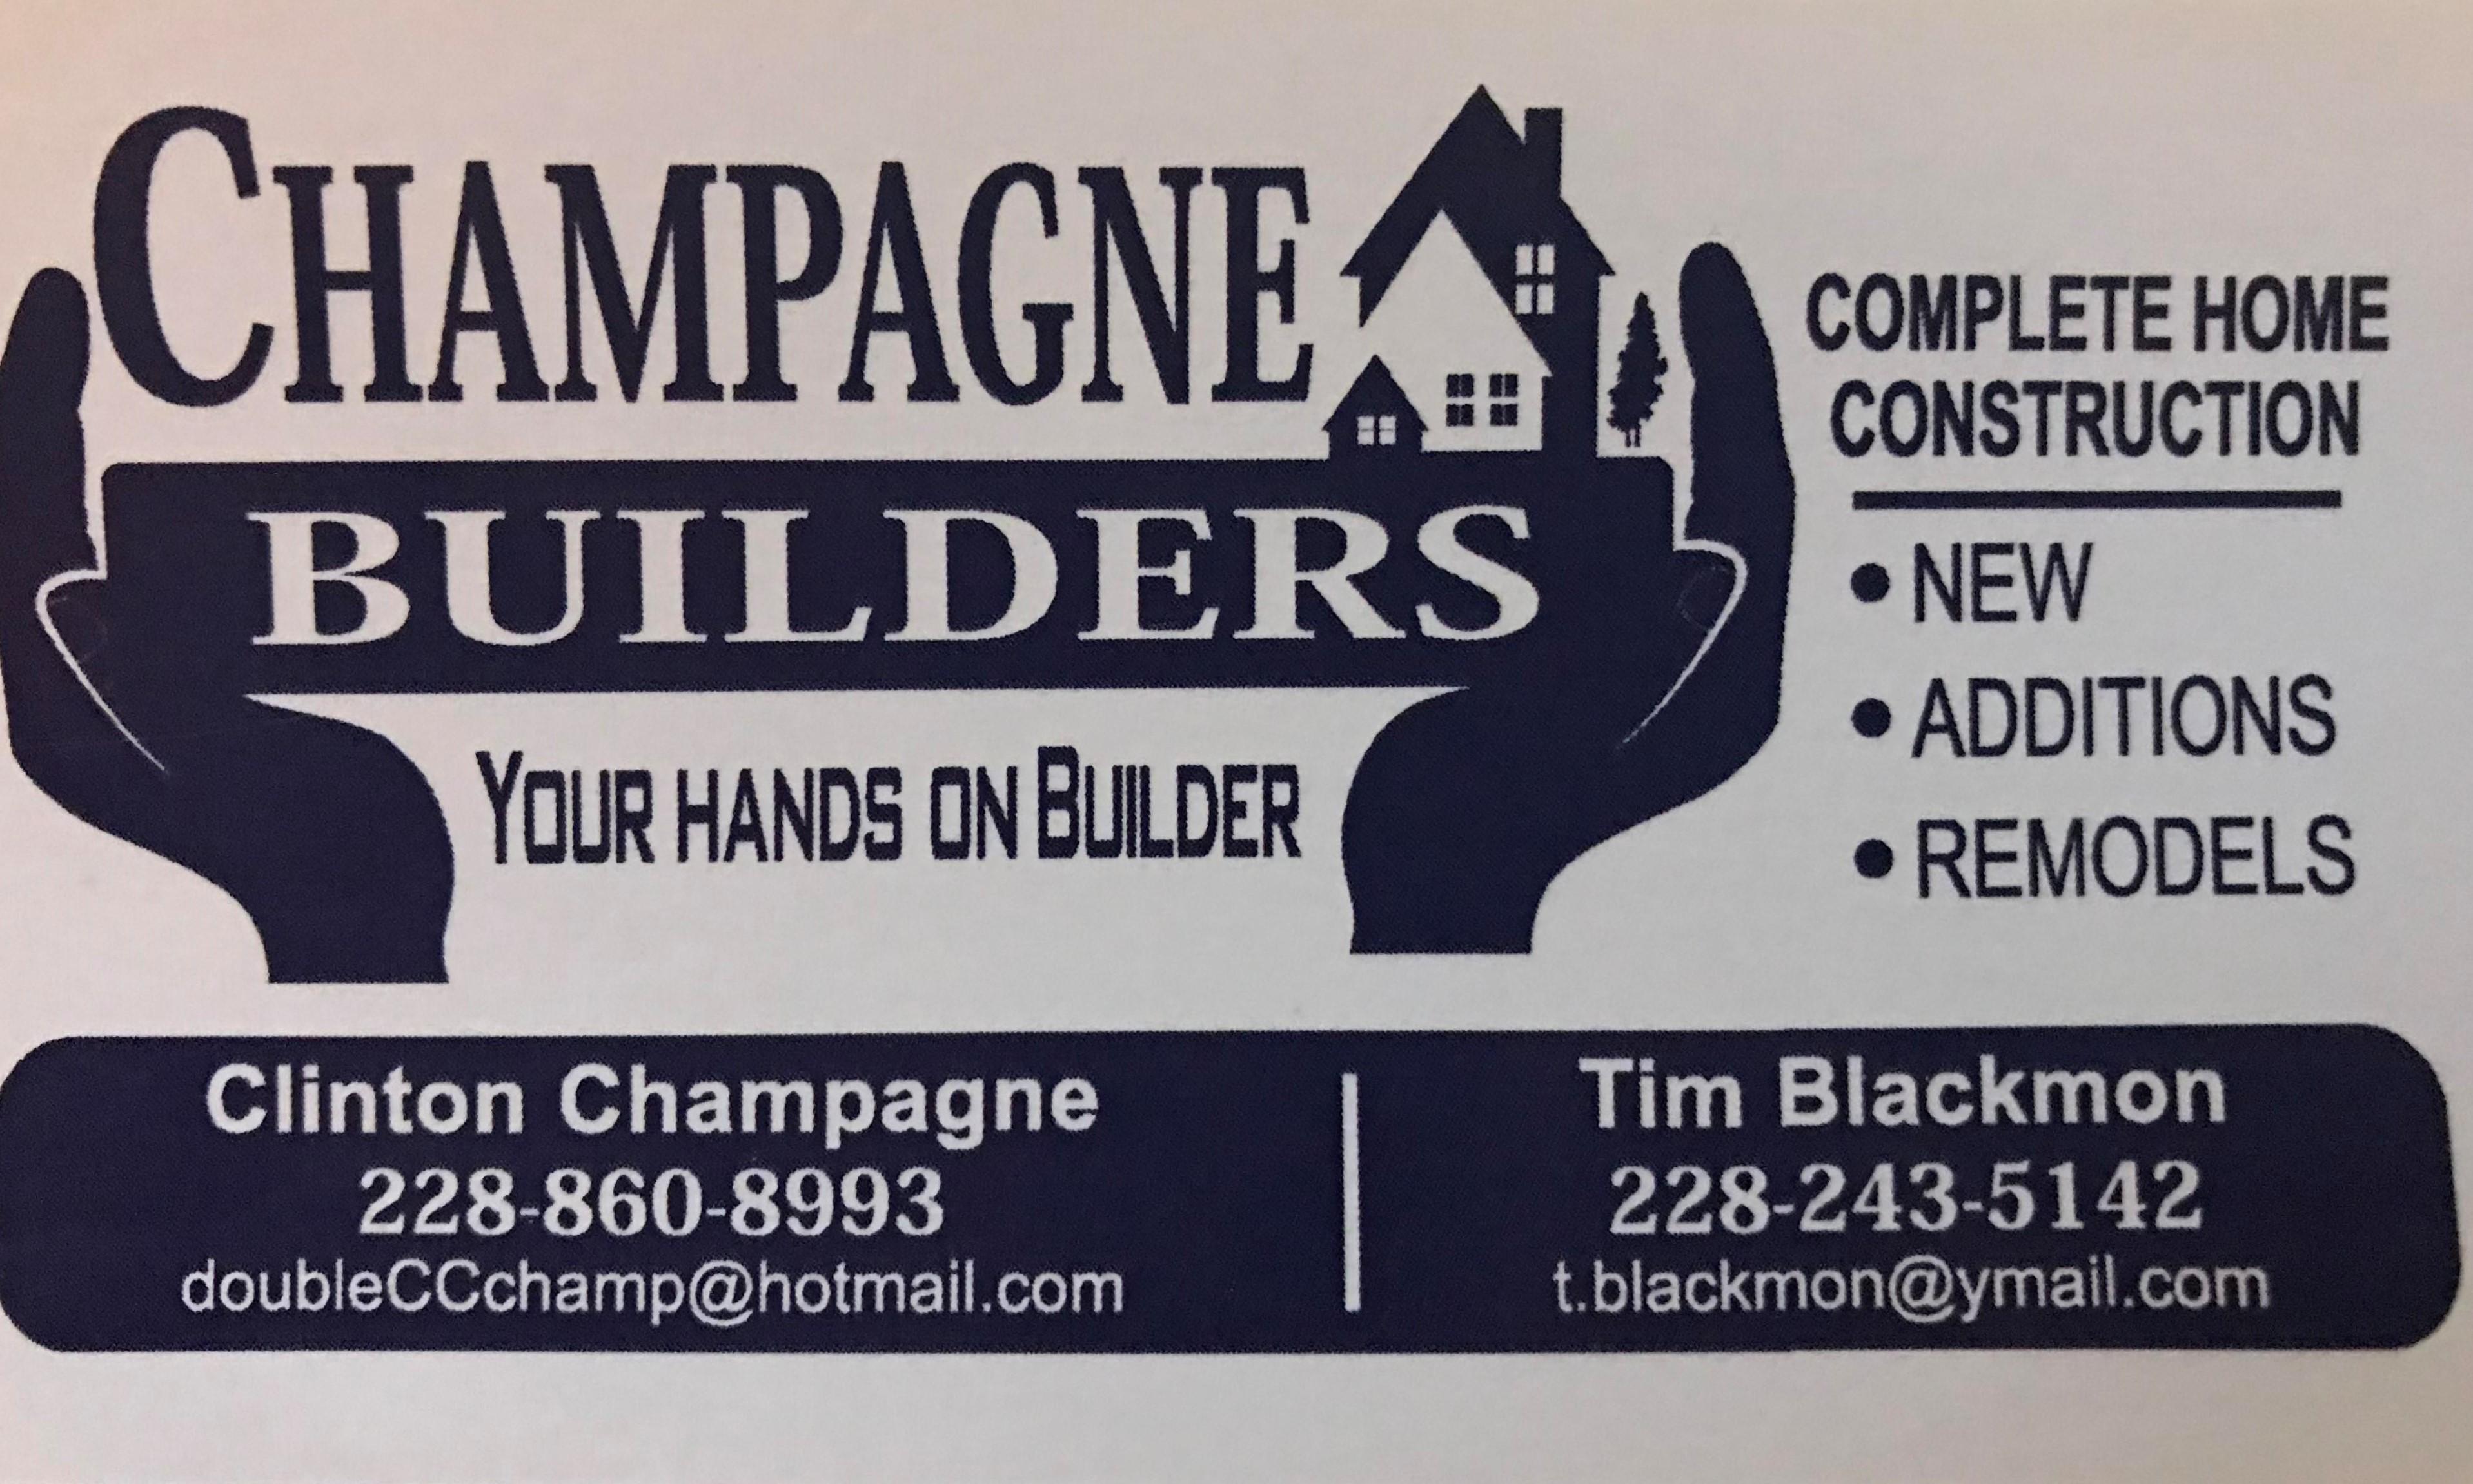 Champagne Builders - Contractors - 8905 Mermaid Avenue Ocean Springs